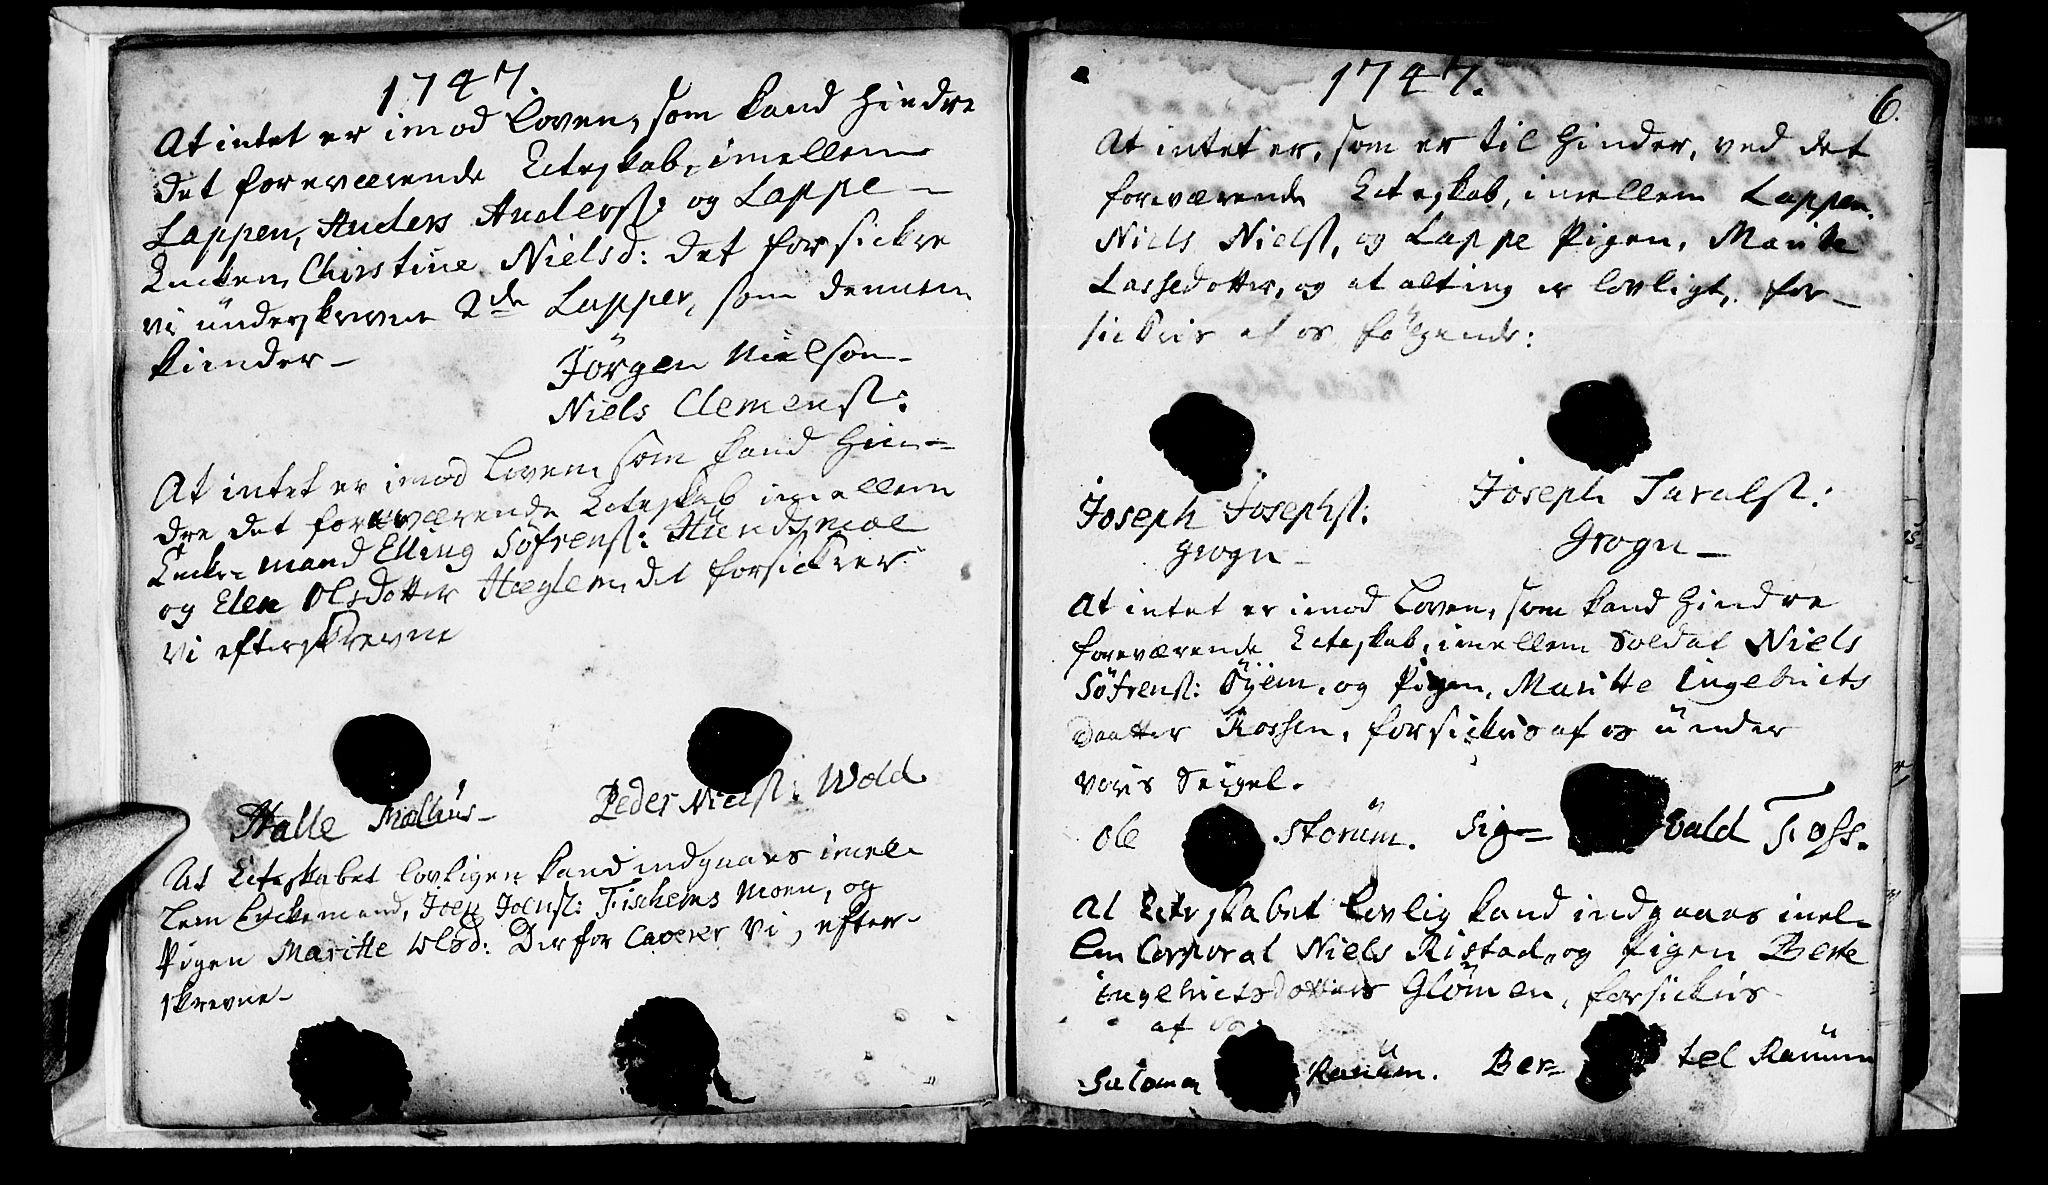 SAT, Ministerialprotokoller, klokkerbøker og fødselsregistre - Nord-Trøndelag, 764/L0541: Ministerialbok nr. 764A01, 1745-1758, s. 6